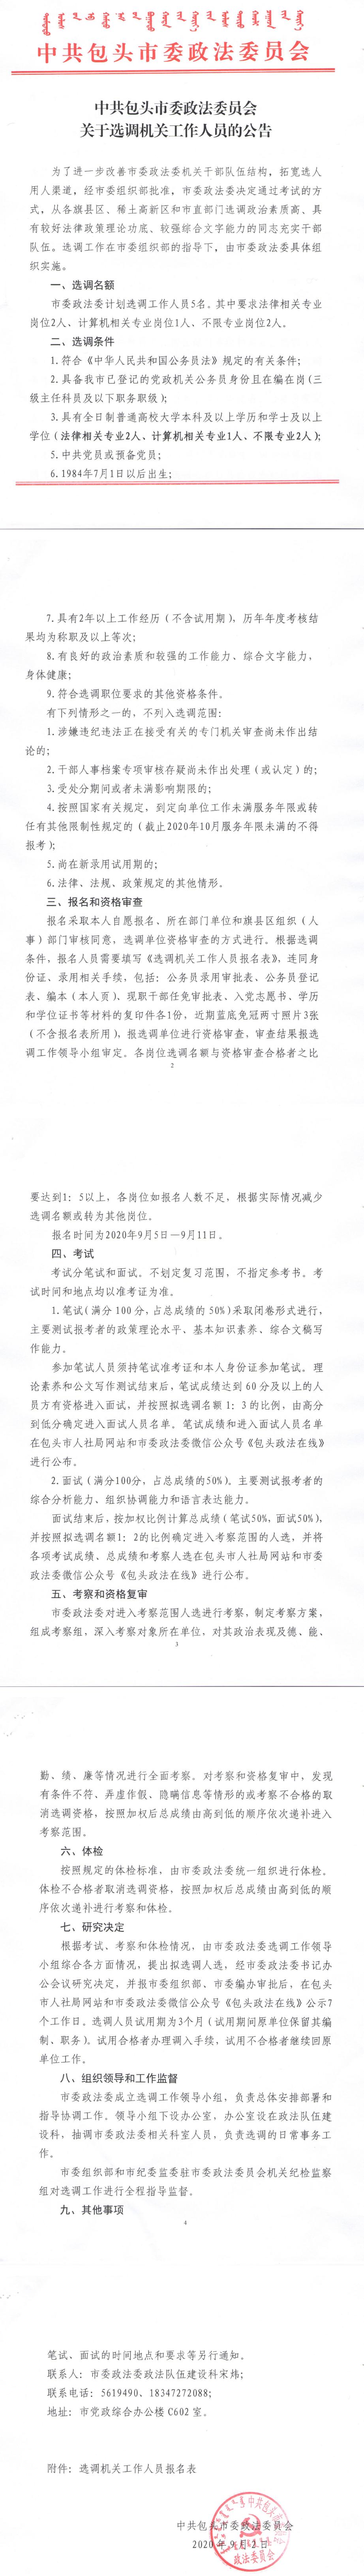 内蒙古包头市委政法委员会选调机关工作人员5人公告